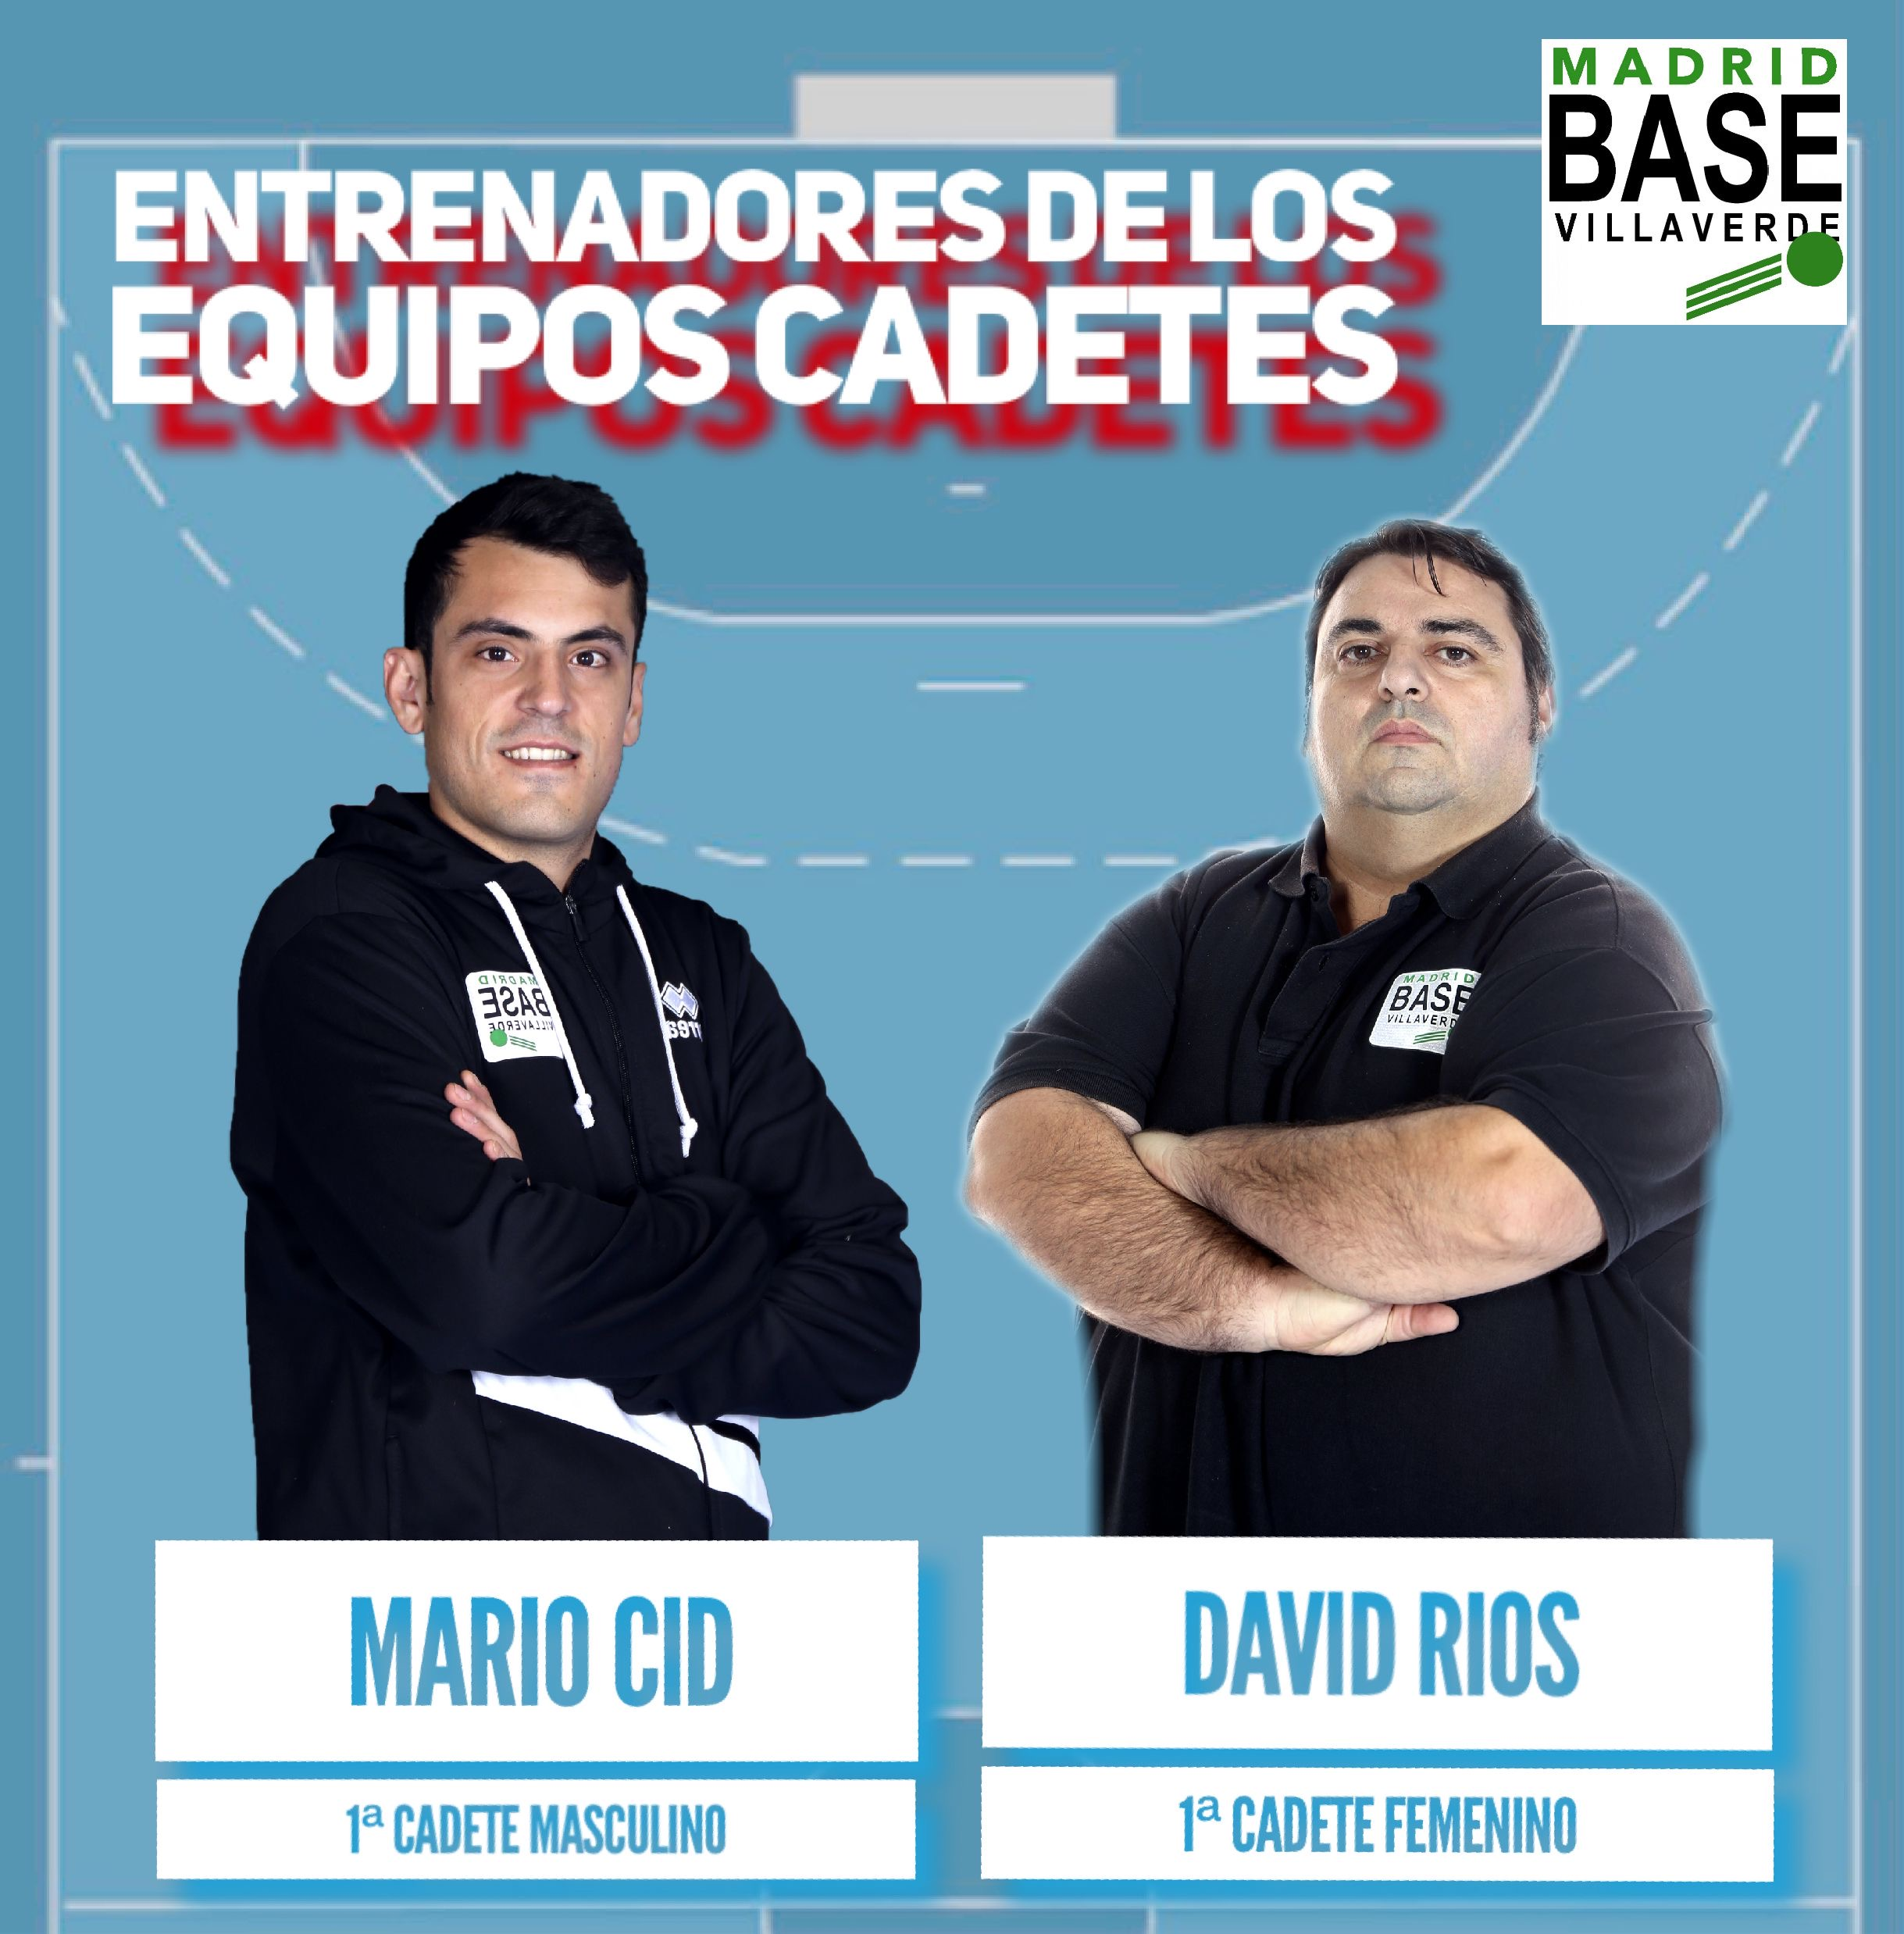 Entrenadores de los equipos Cadetes